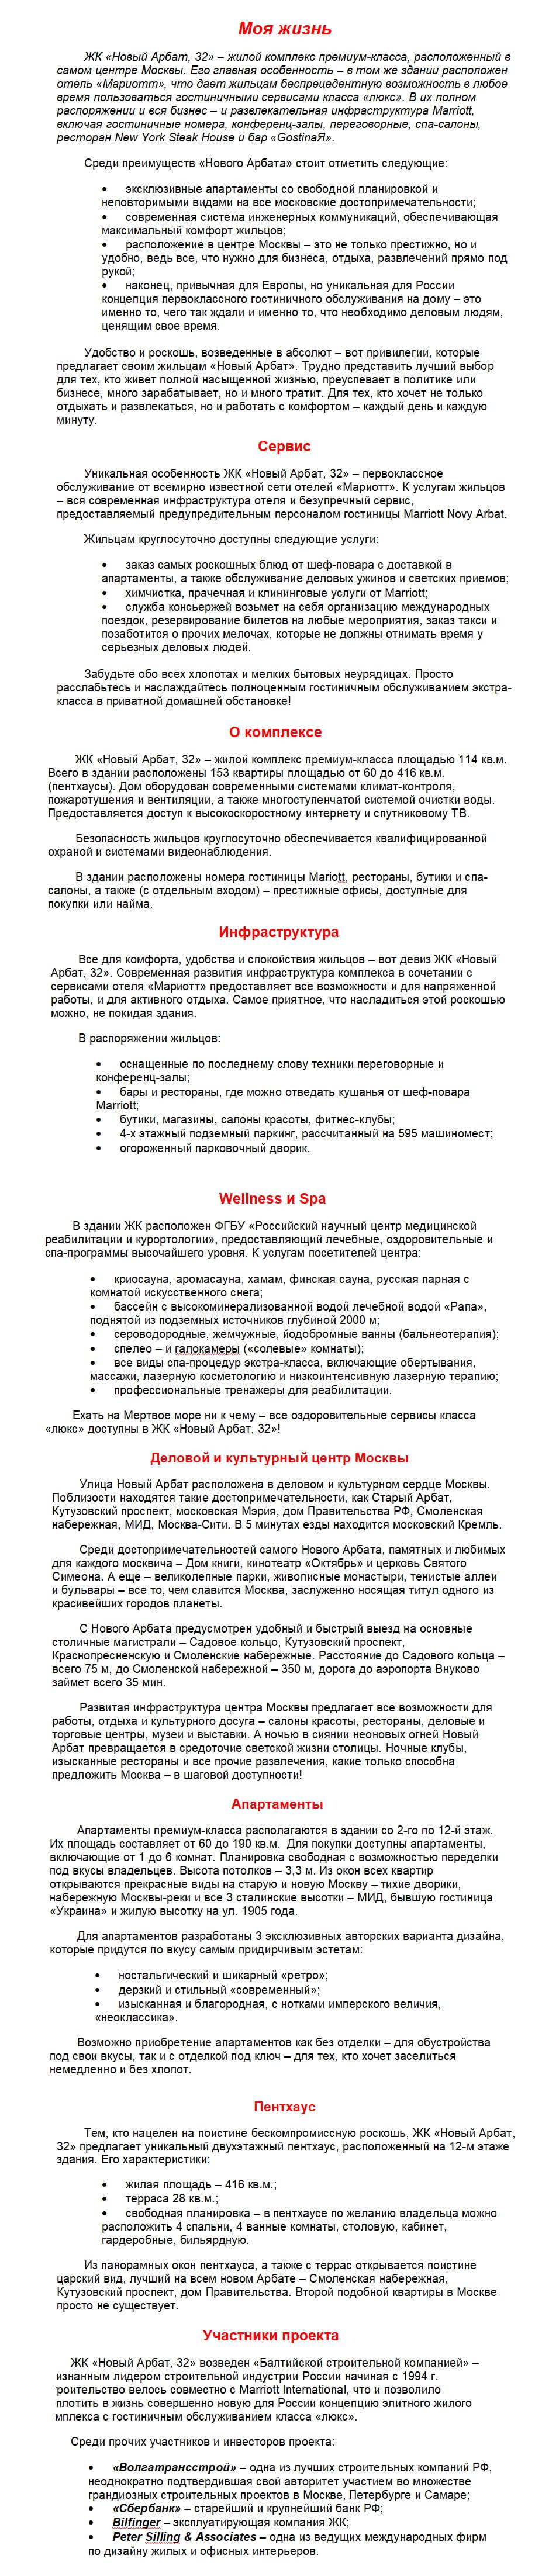 Текст, рекламный текст для ЖК Новый Арбат 32, портфолио копирайтера